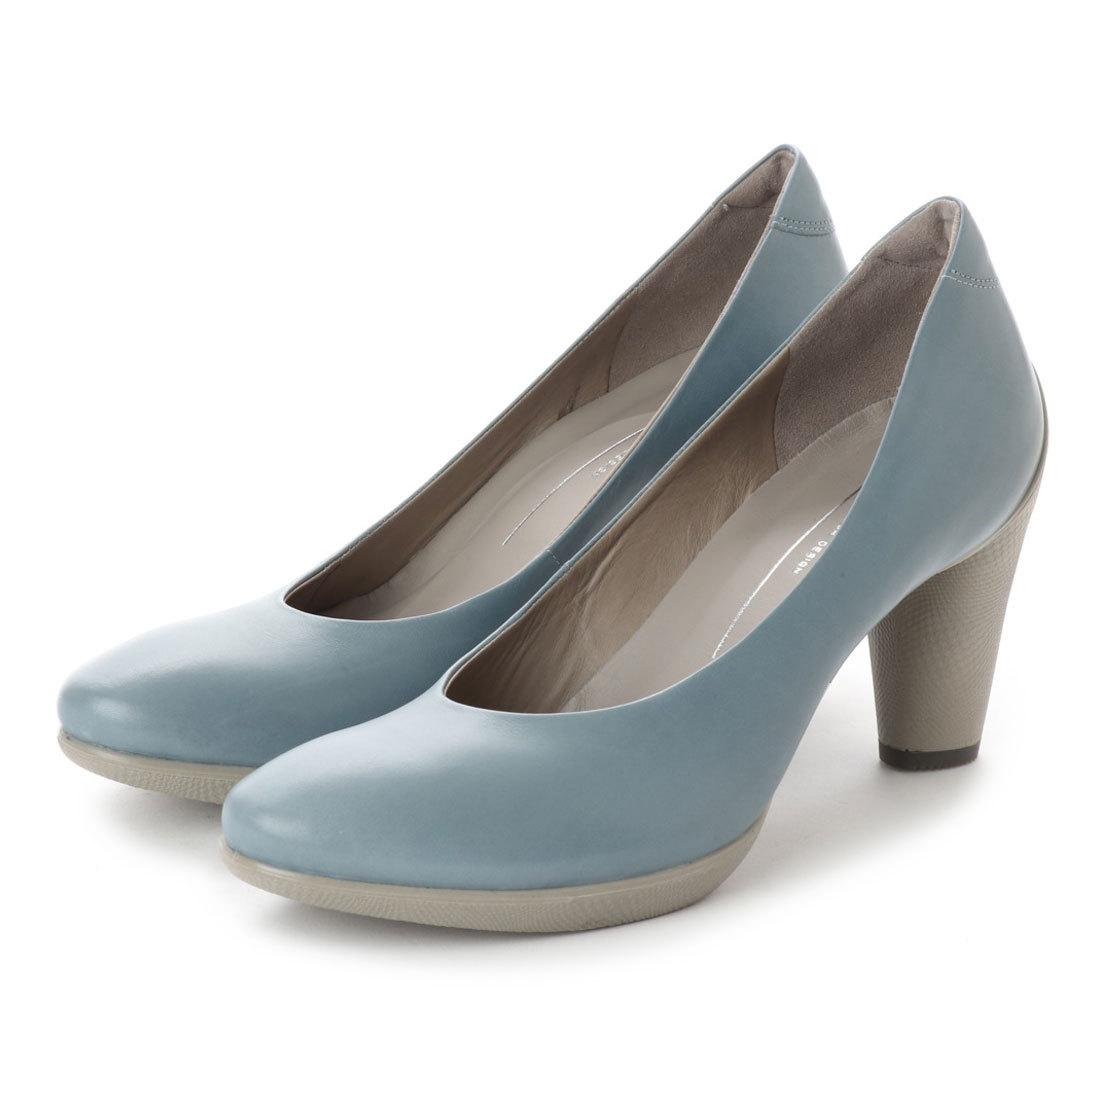 Ecco SCULPTURED 75 Damen Pumps Schuhe